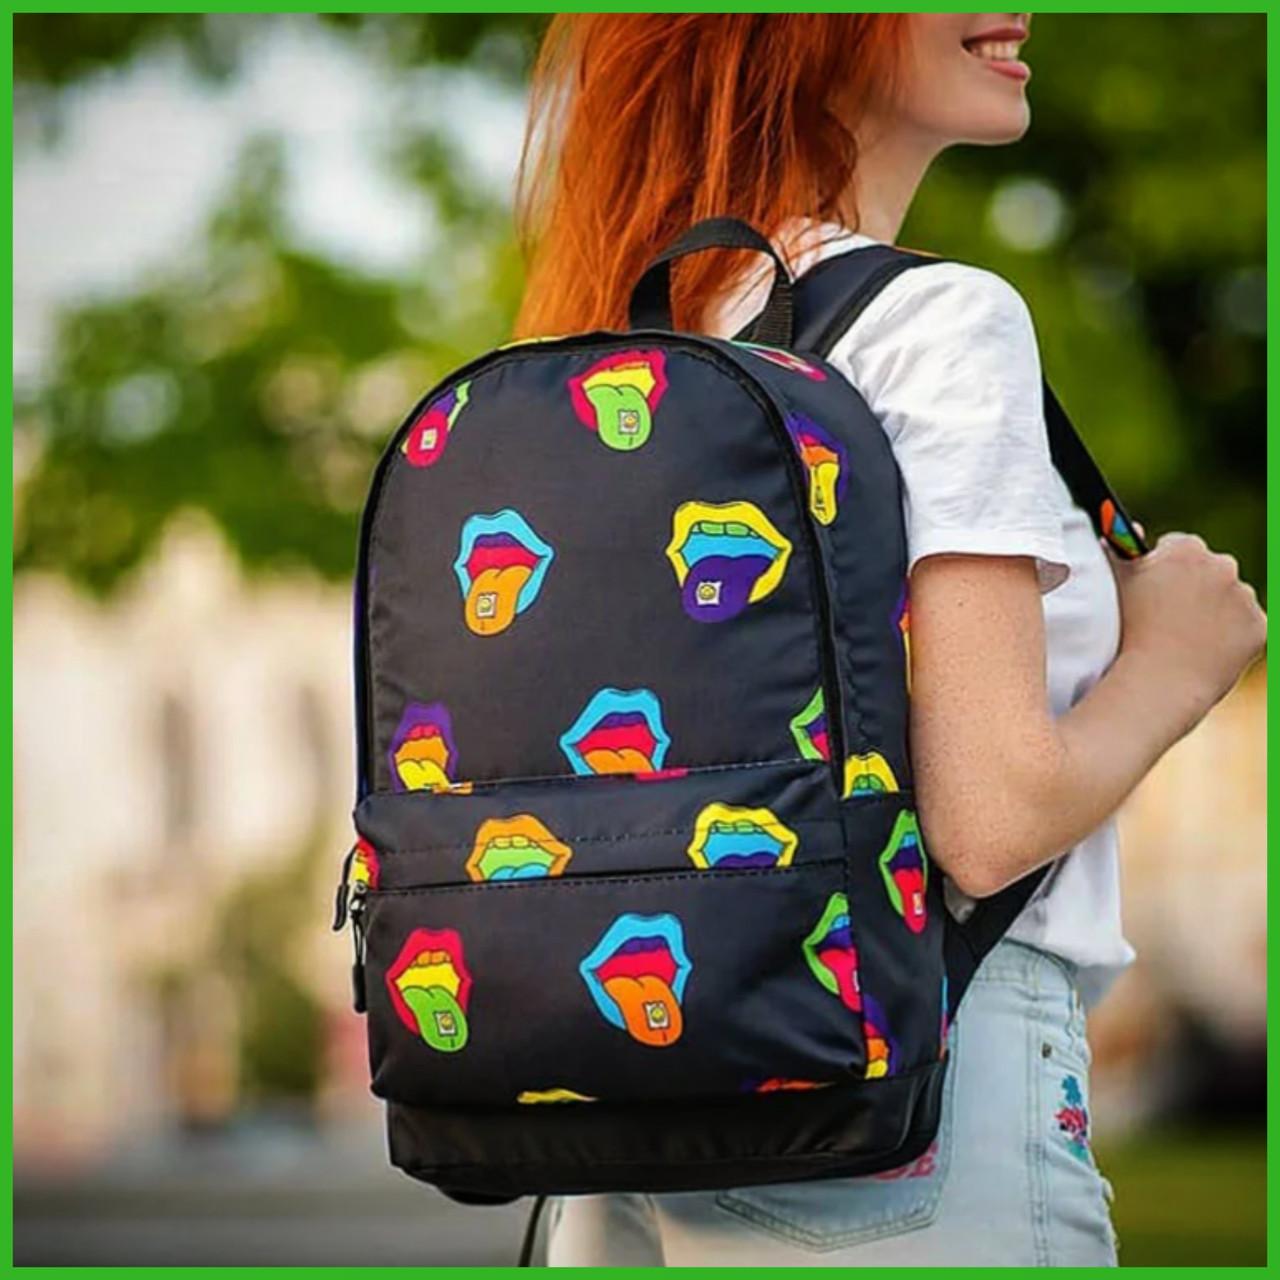 Крутий жіночий рюкзак з принтом Губи. Для навчання, подорожей, тренувань